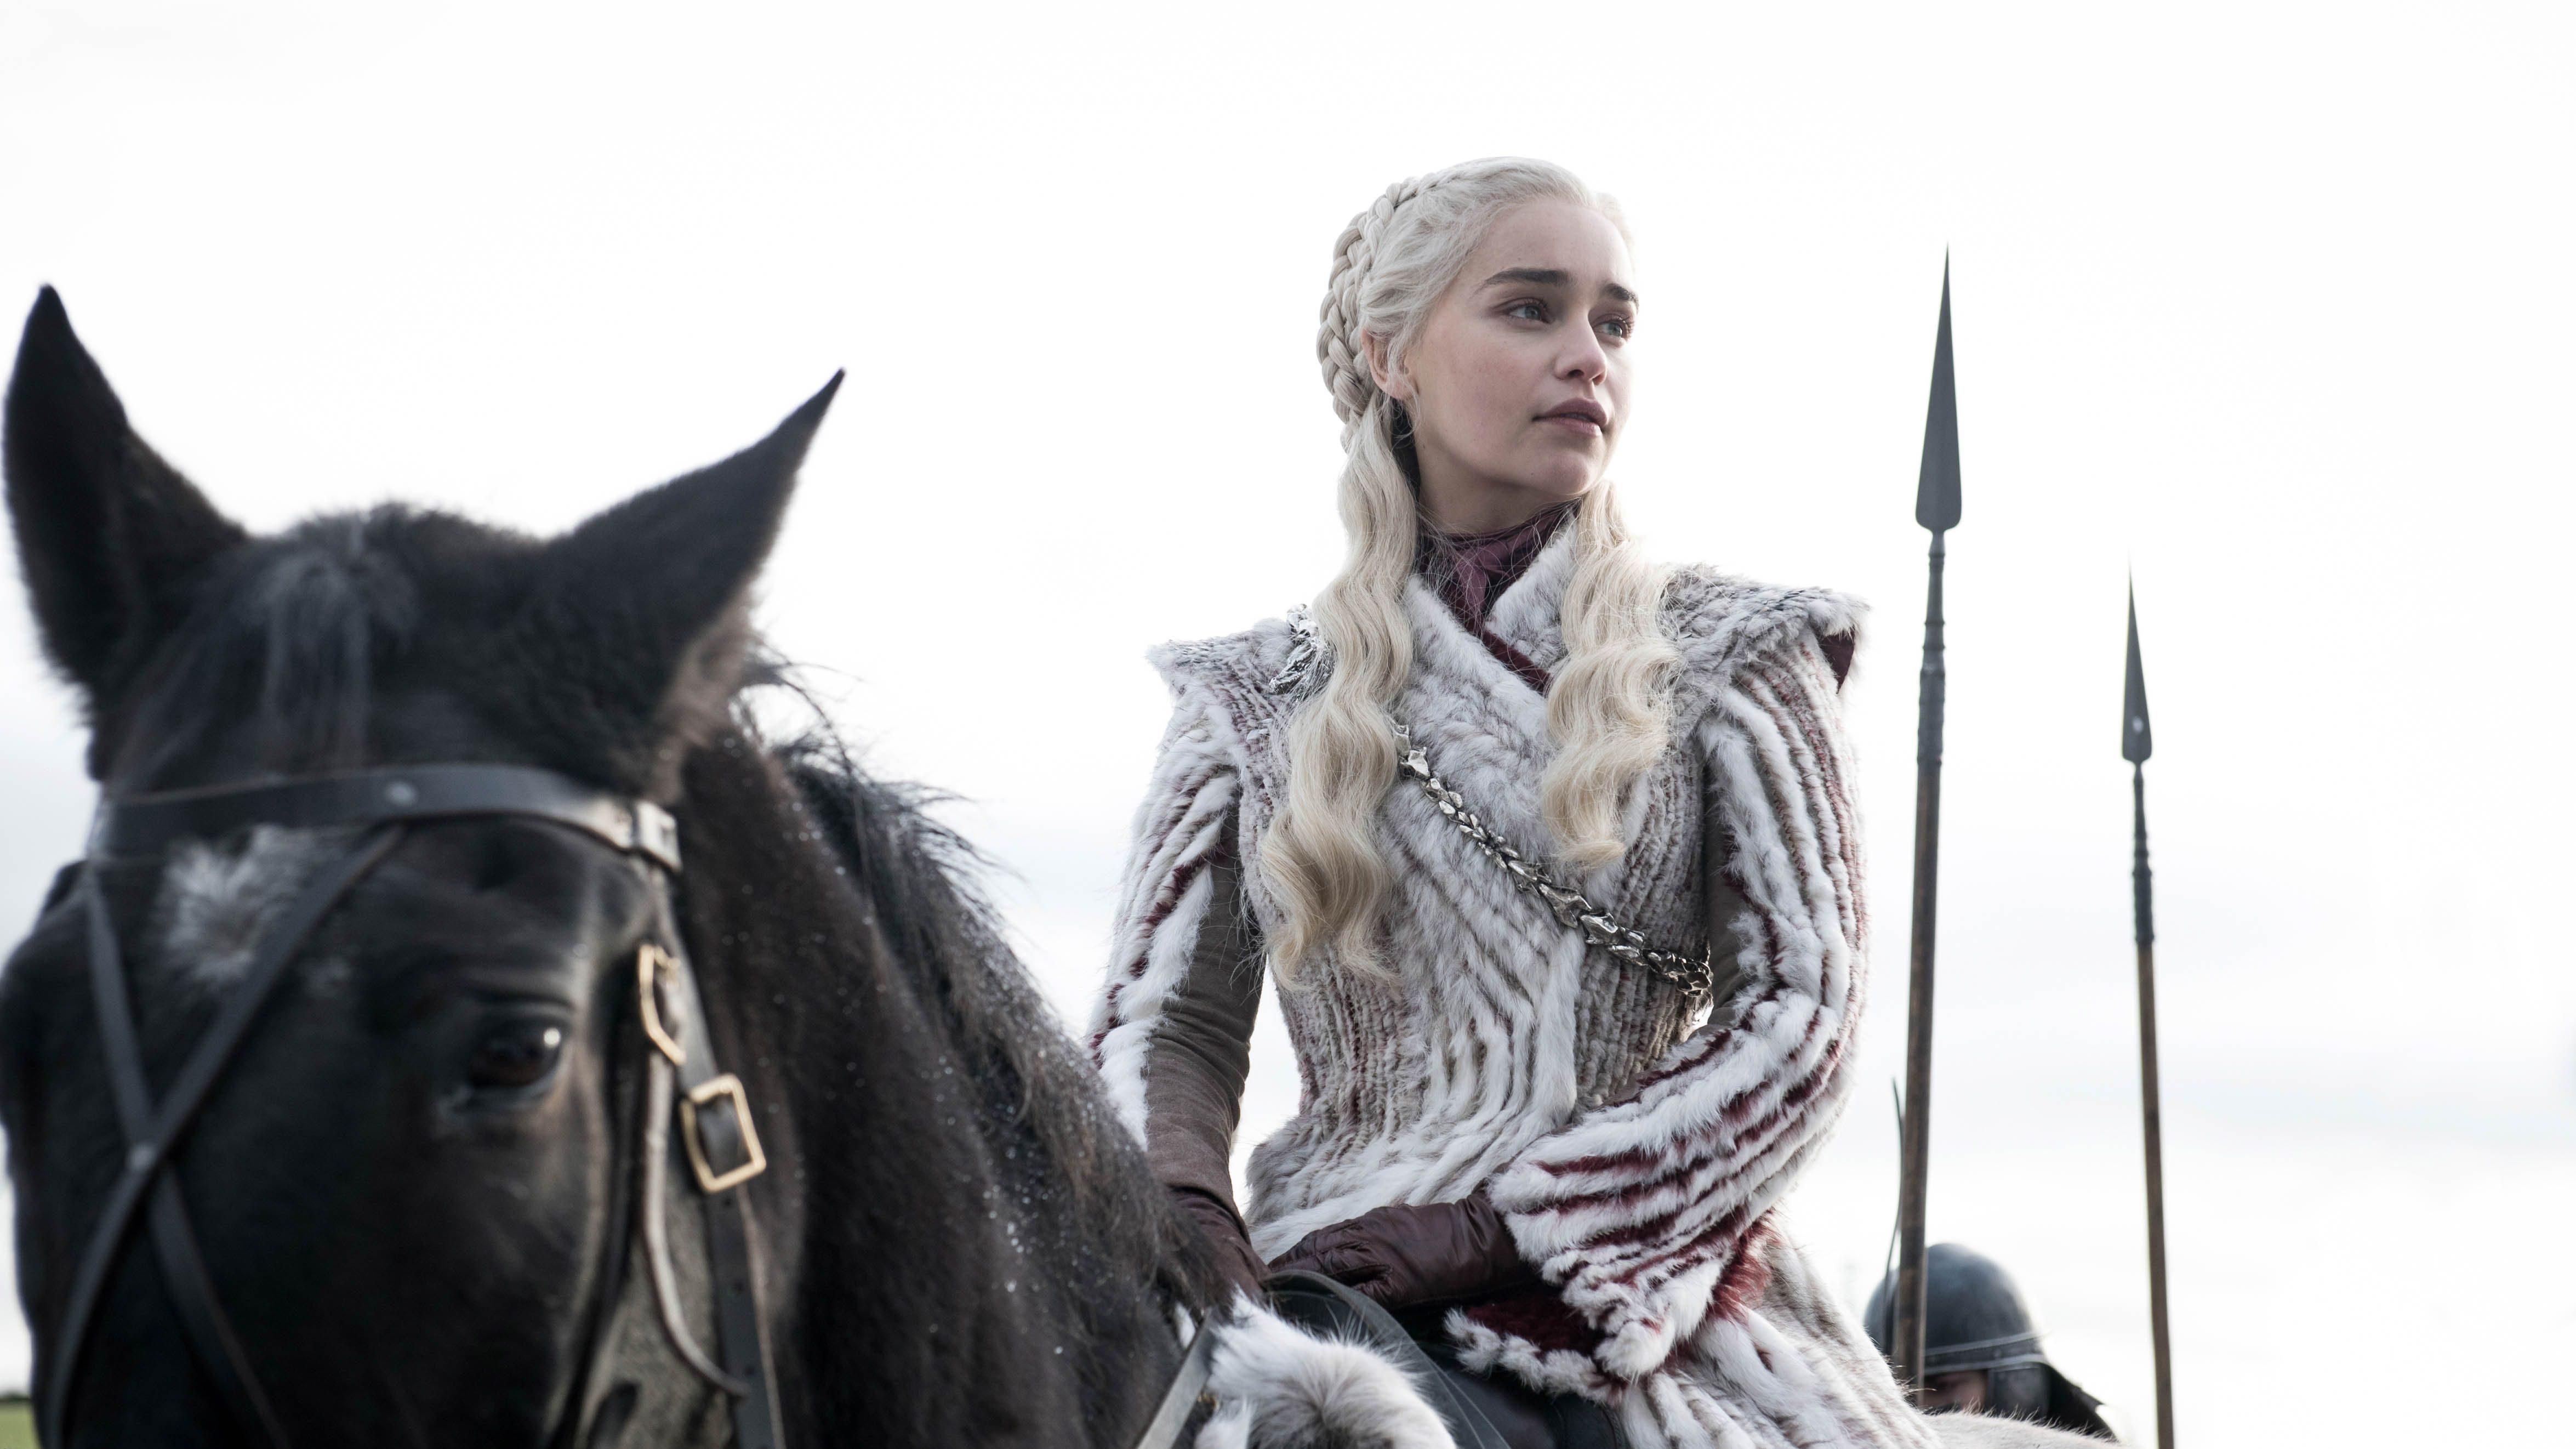 Emilia Clarke in Game of Thrones season 8